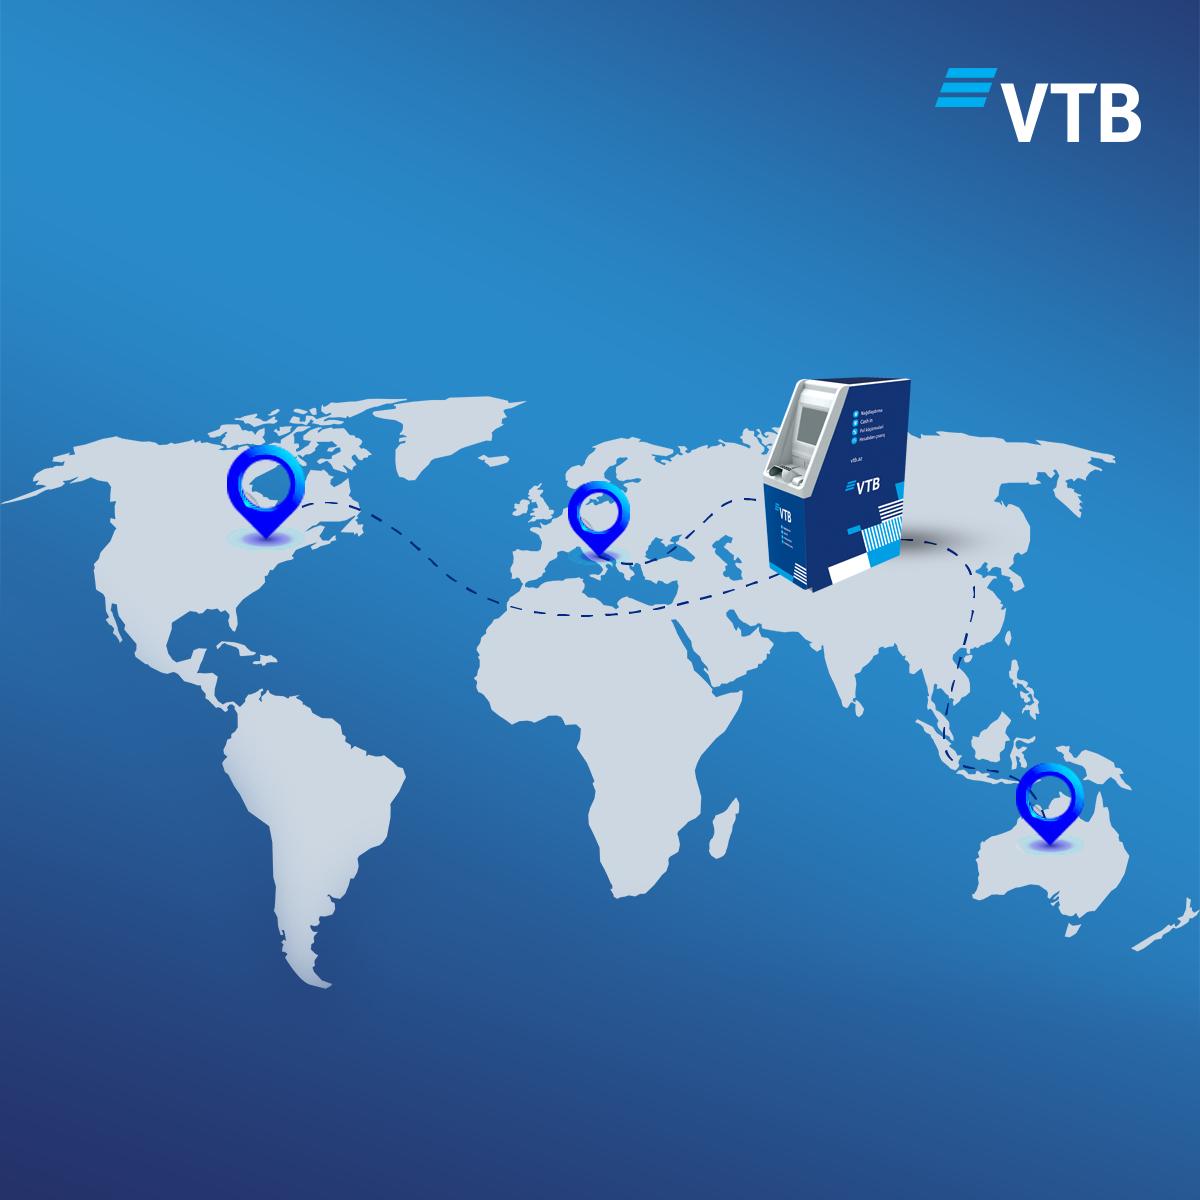 ВТБ (Азербайджан) запускает международные переводы через платежную систему CONTACT